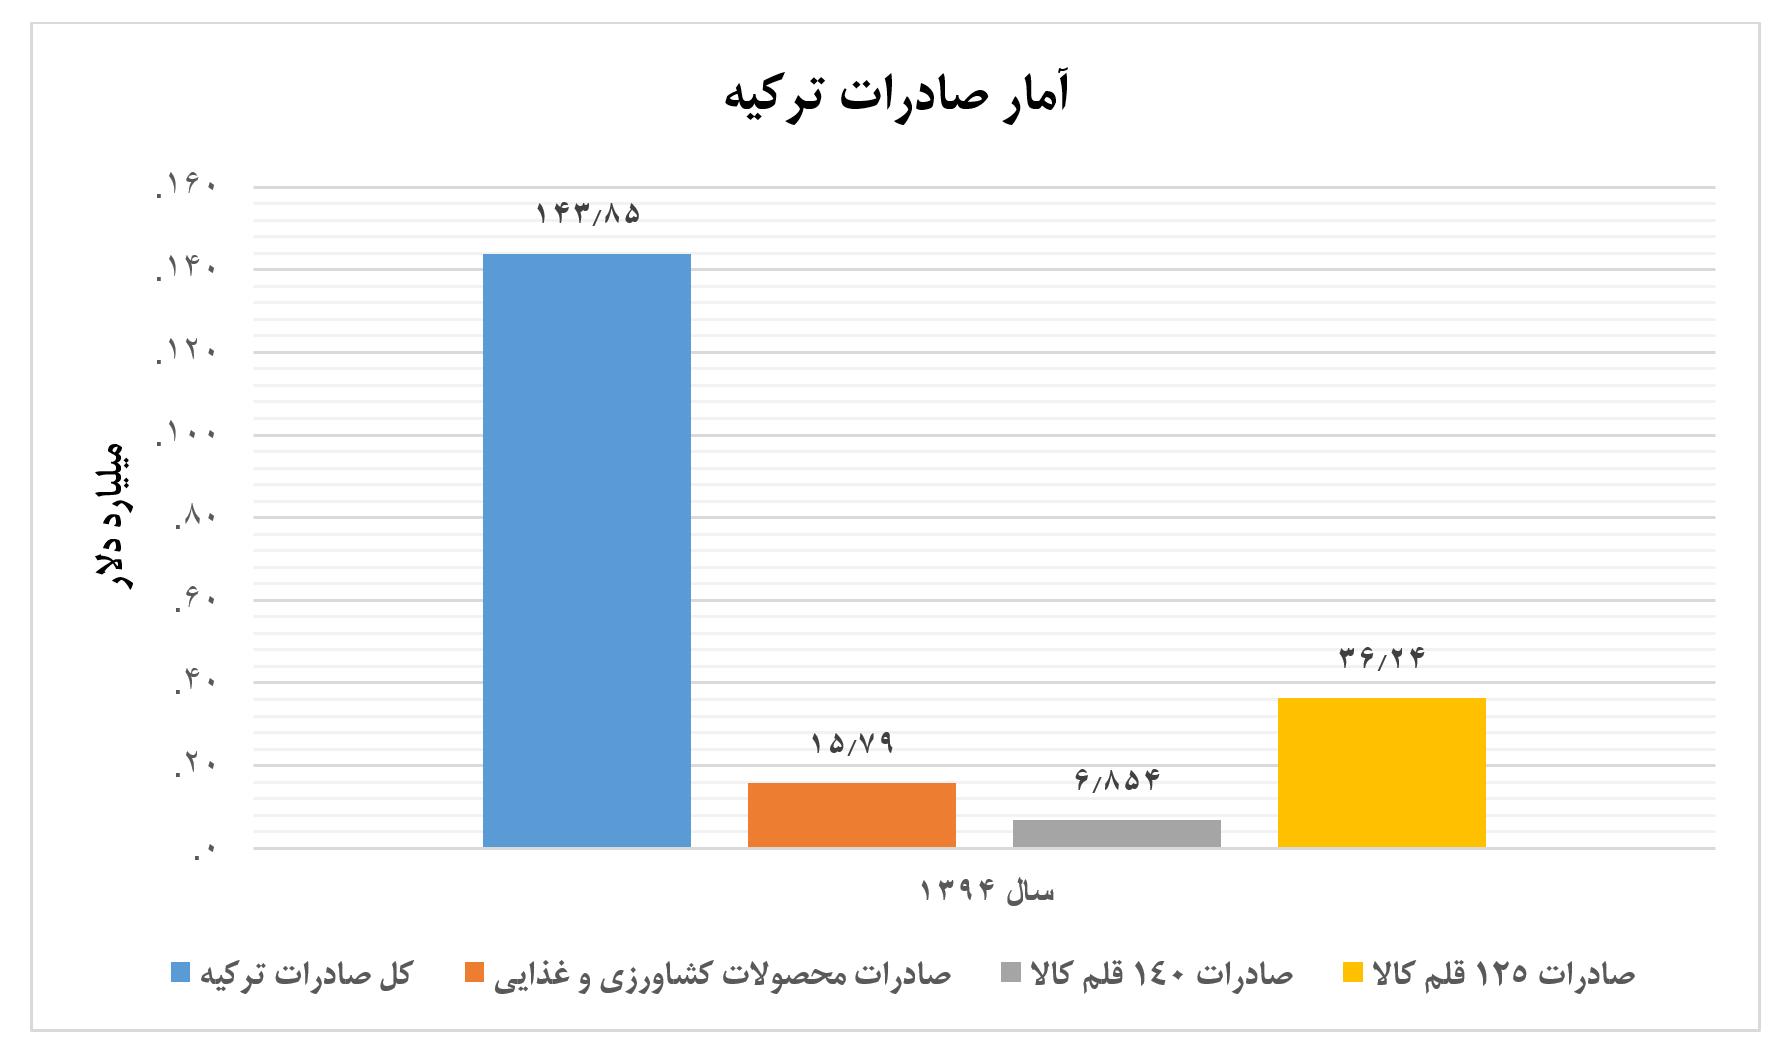 نمودار دوم تجارت دوجانبه ایران و ترکیه - توافق تجاری دوجانبه میان ایران و ترکیه 3.5 میلیارد دلار ظرفیت دارد